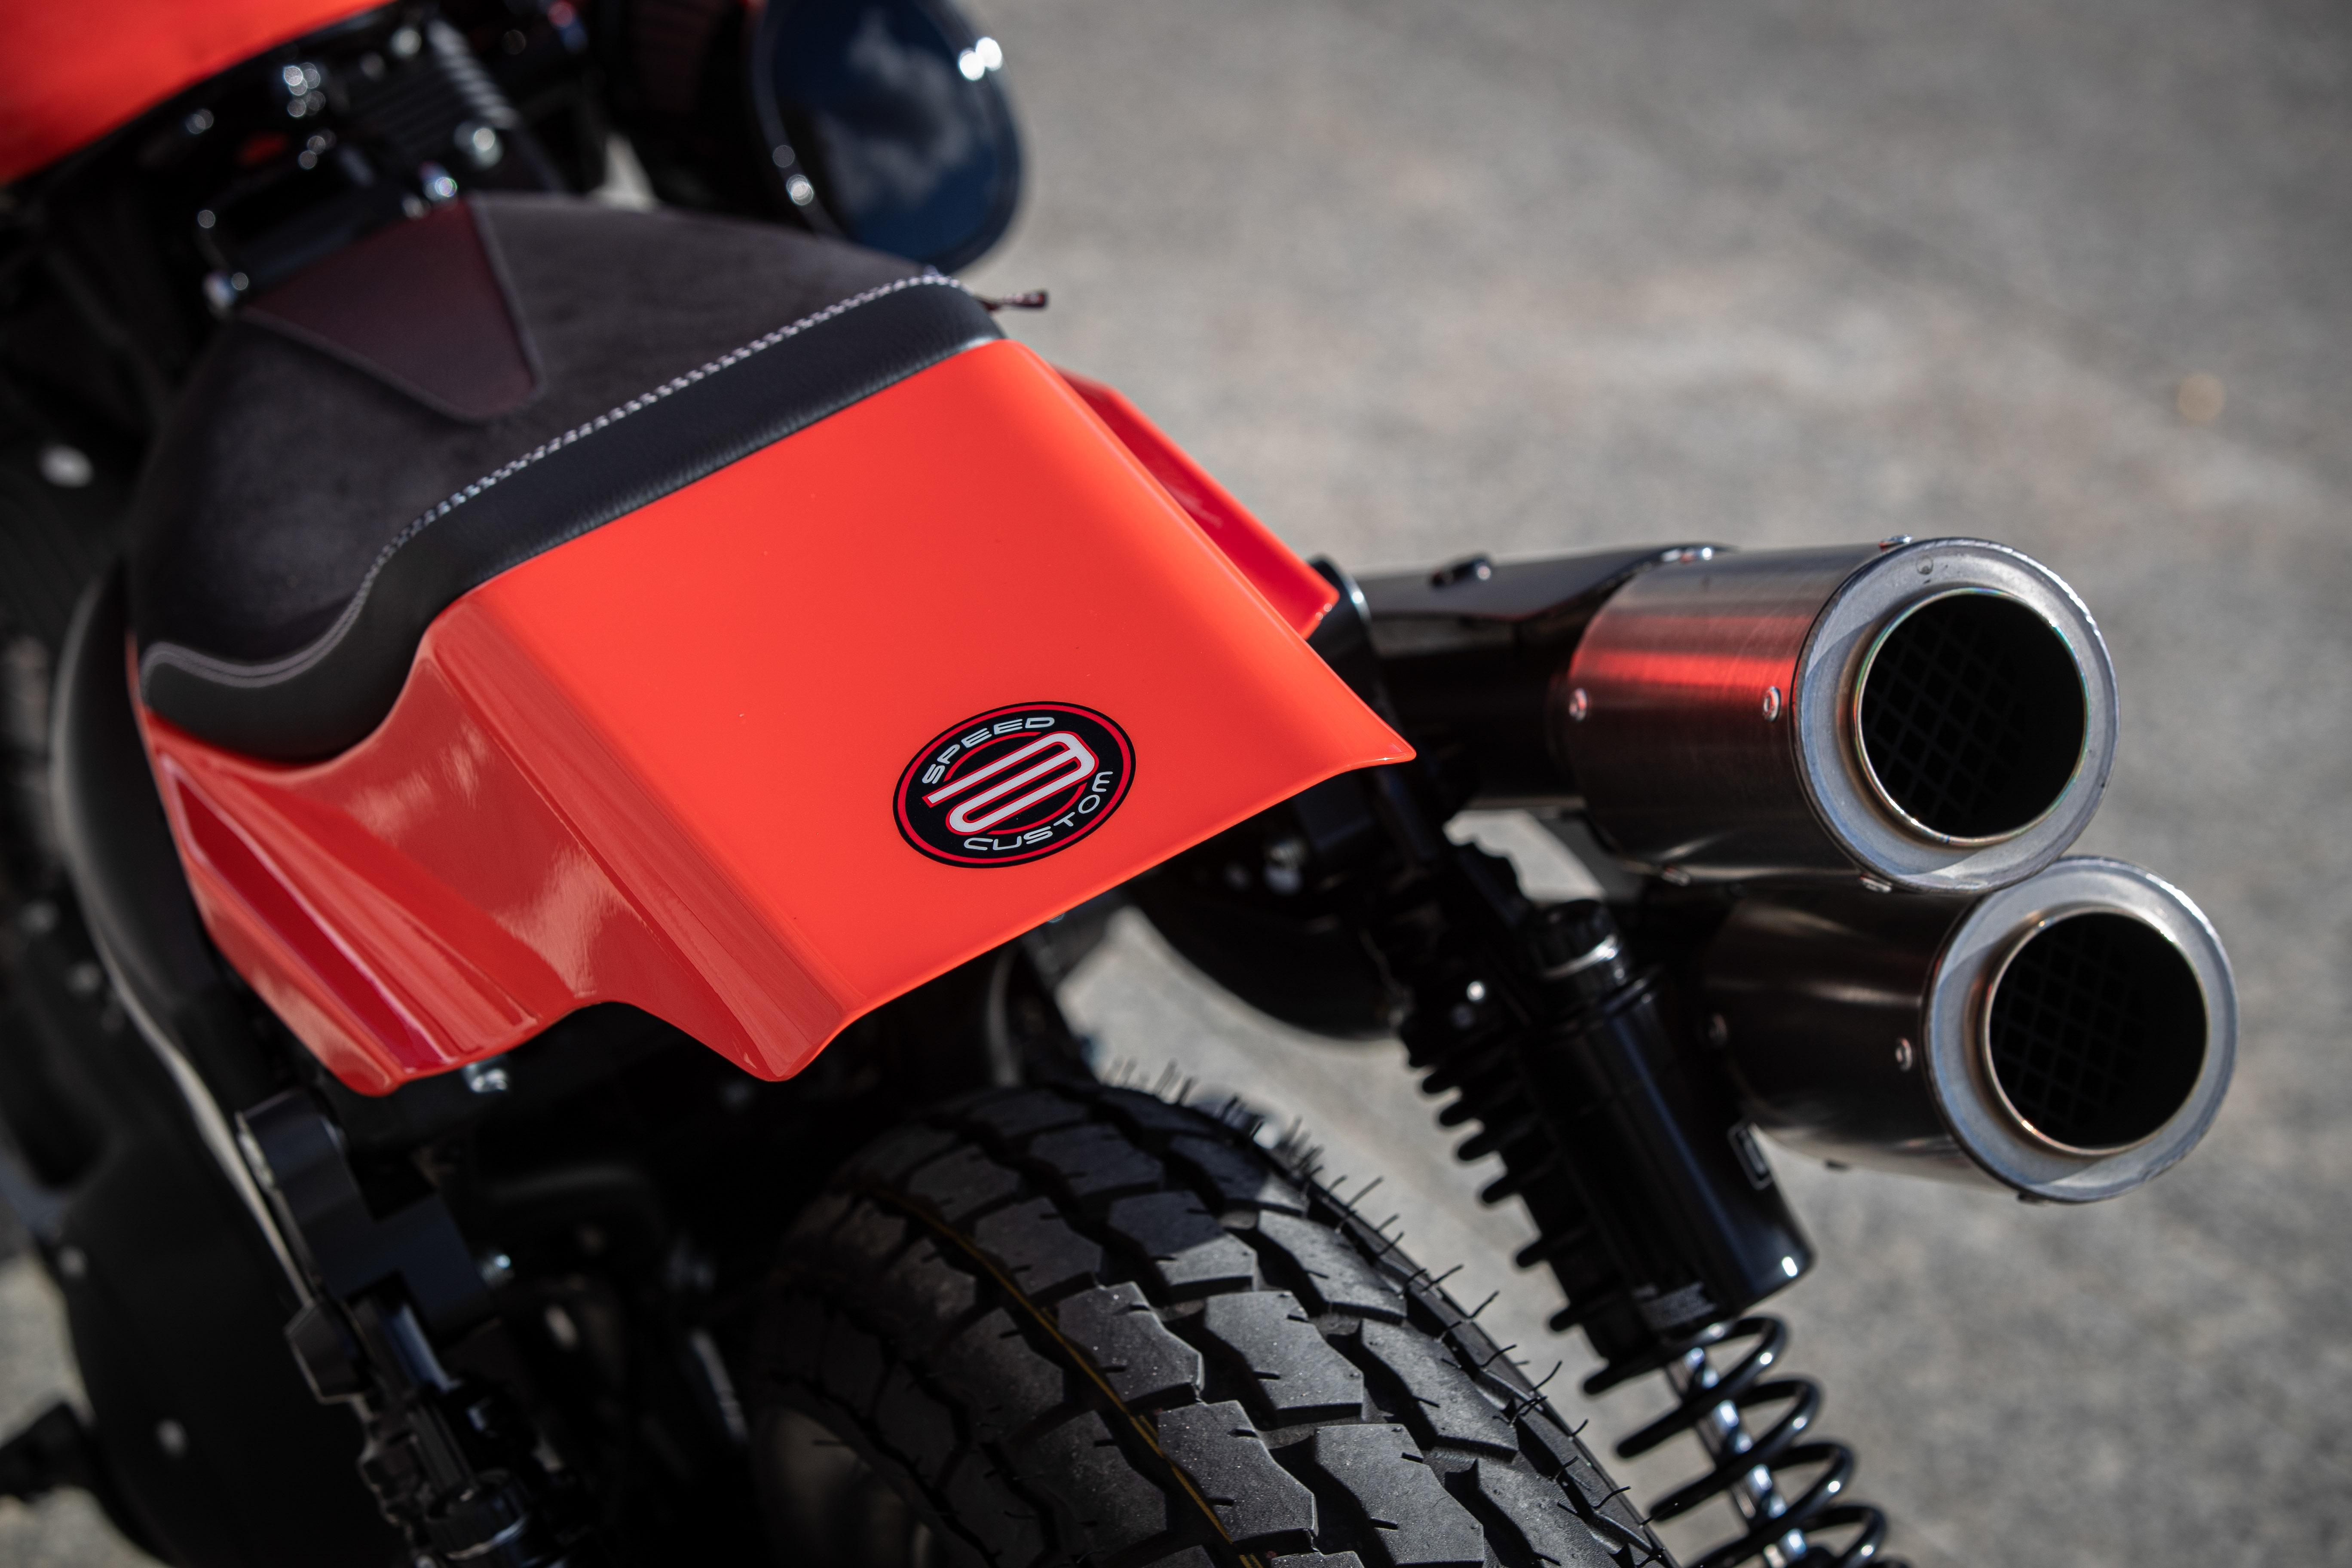 Ngam dan xe Harley-Davidson Sportster lot xac voi ban do Sykes hinh anh 23 2020_Harley_Davidson_Sportster_Custom_5245.jpg